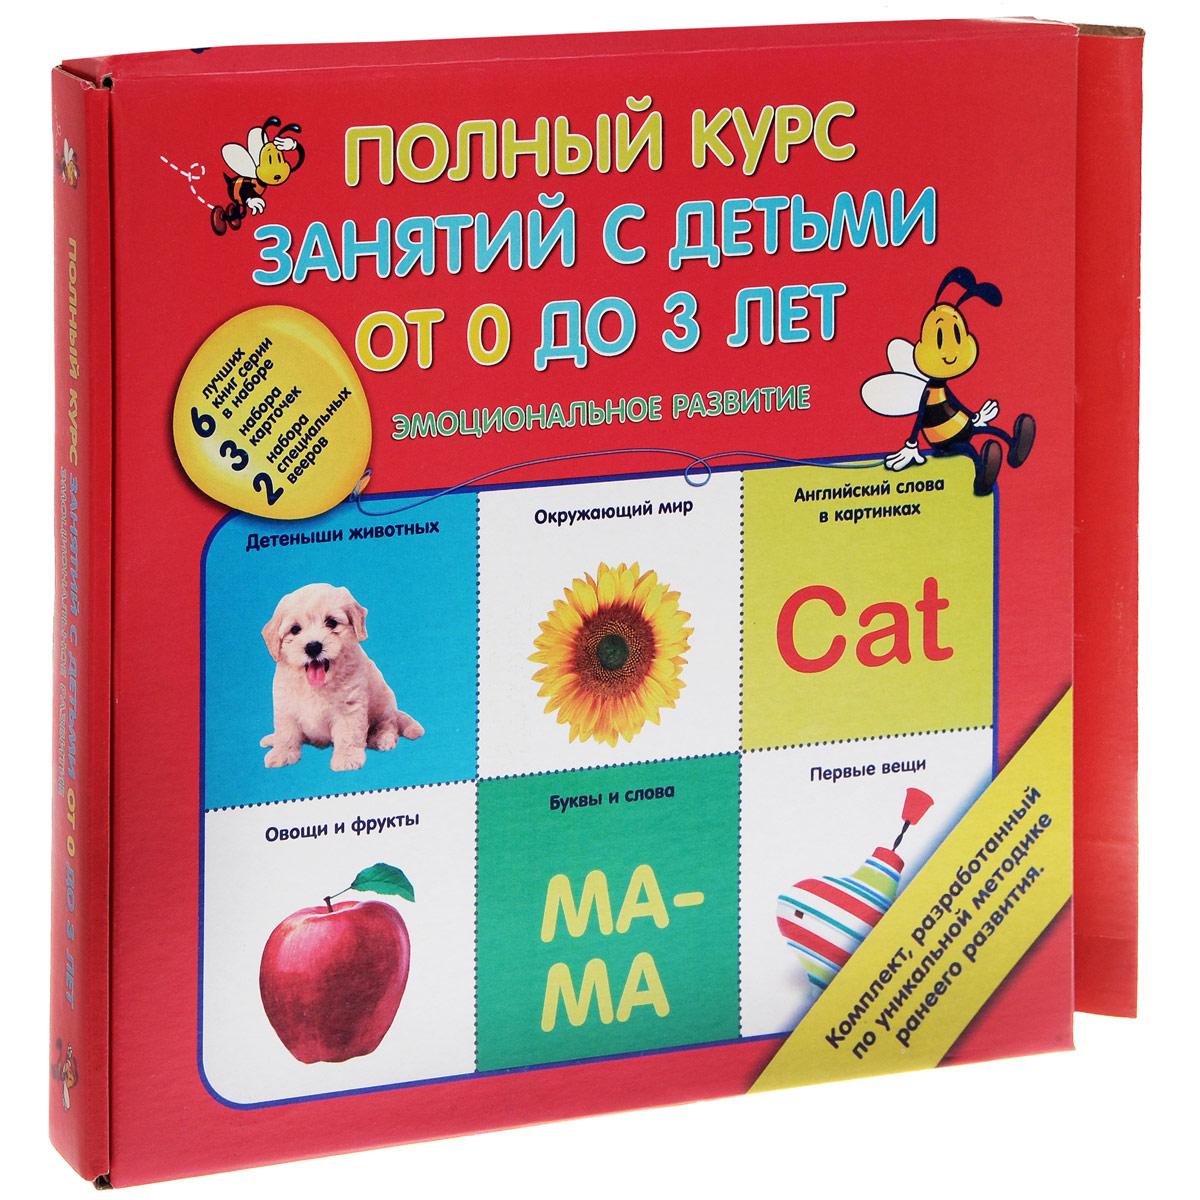 Полный курс занятий с детьми от 0 до 3 лет. Эмоциональное развитие ороситель truper с 3 соплами с пластиковой основой